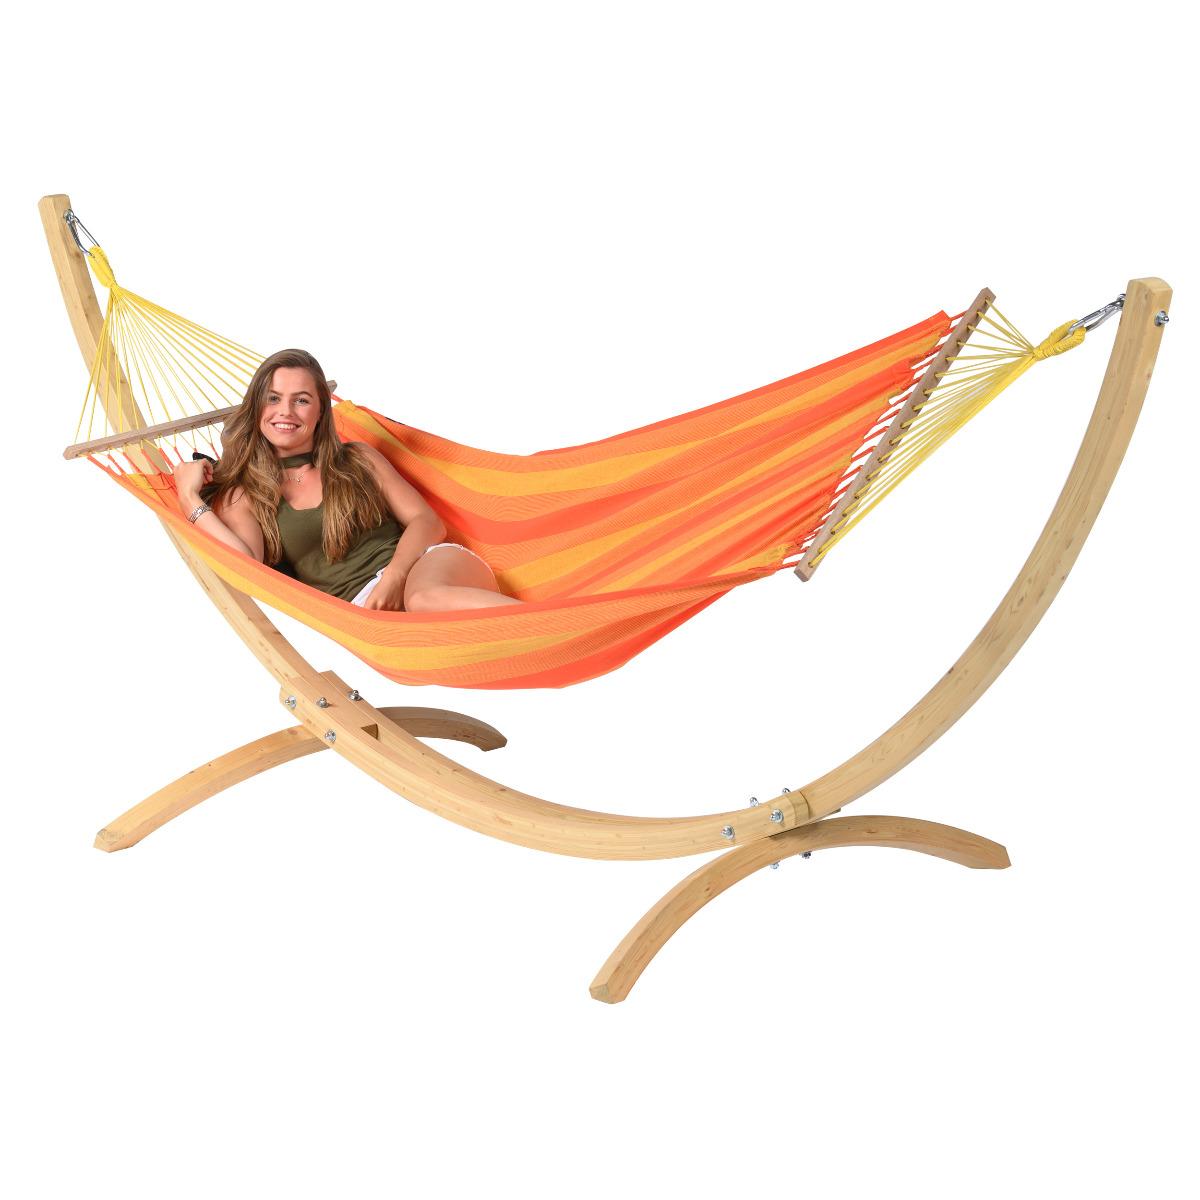 Hangmat met Standaard E�npersoons 'Wood & Relax' Orange - Oranje - Tropilex �